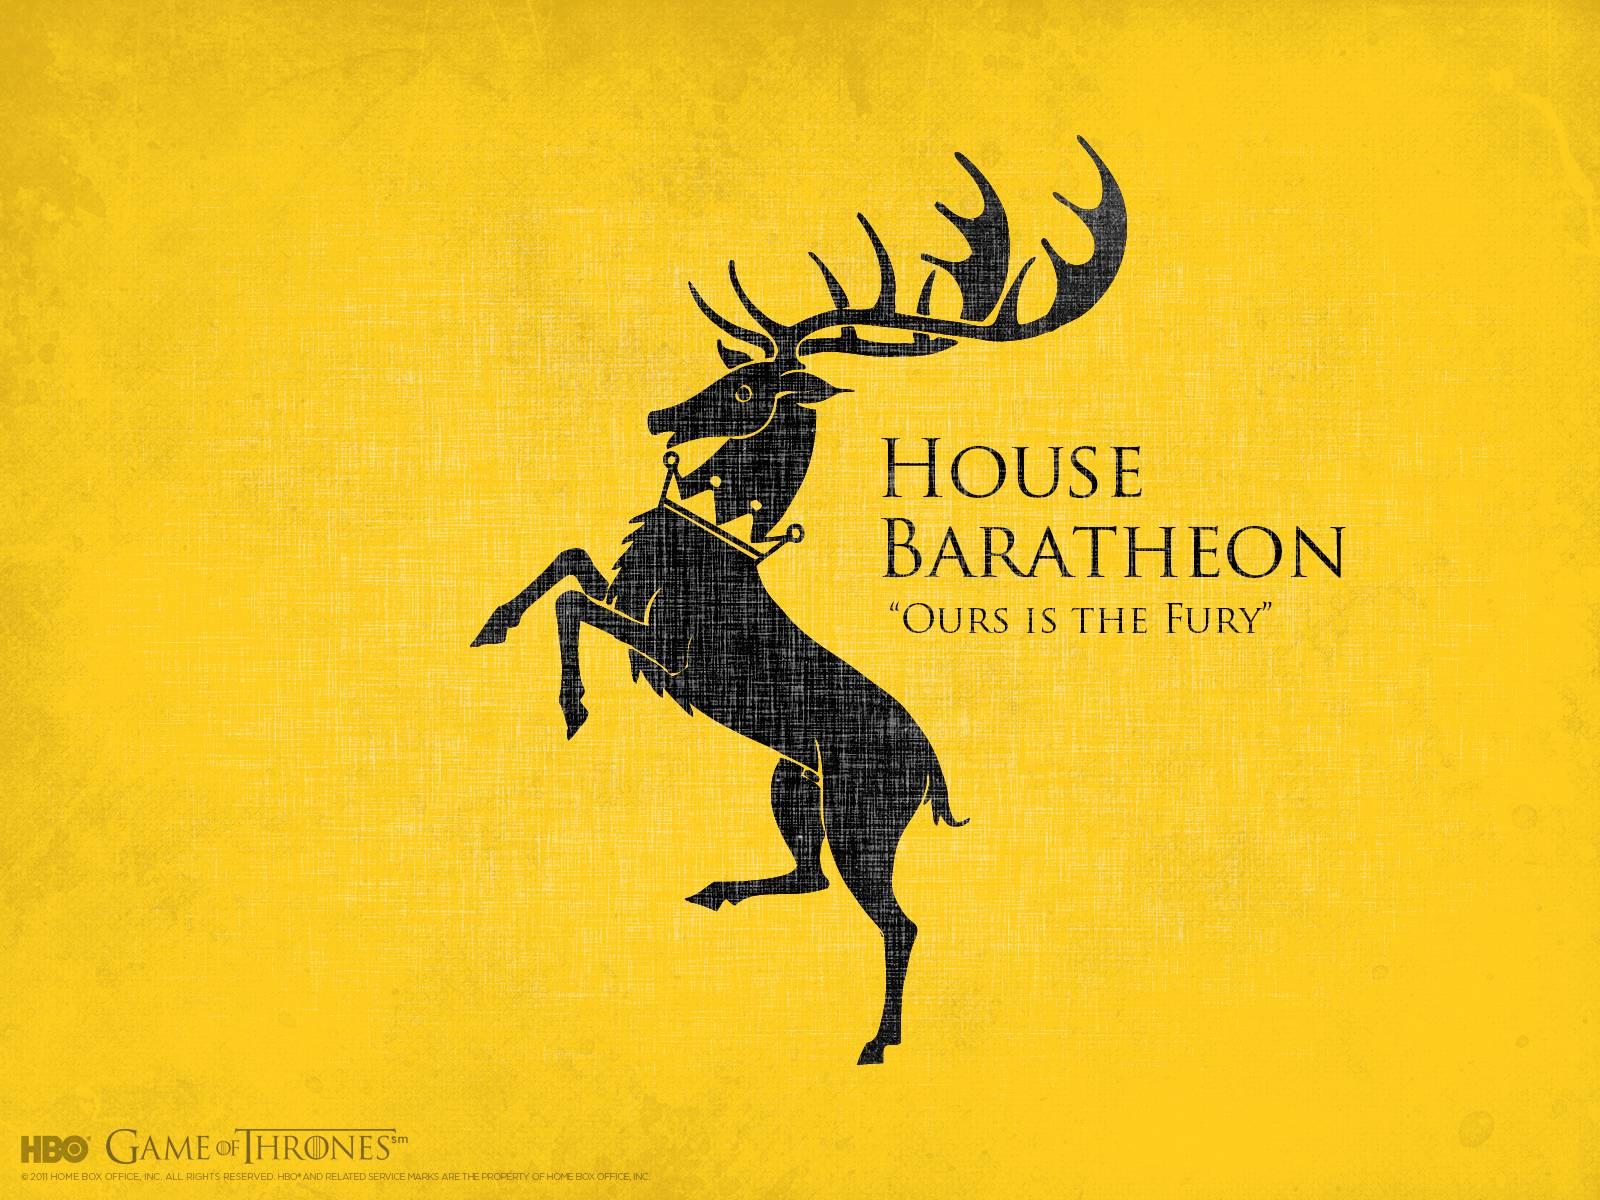 Hbo Game Of Thrones Wallpaper   52DazheW Gallery 1600x1200